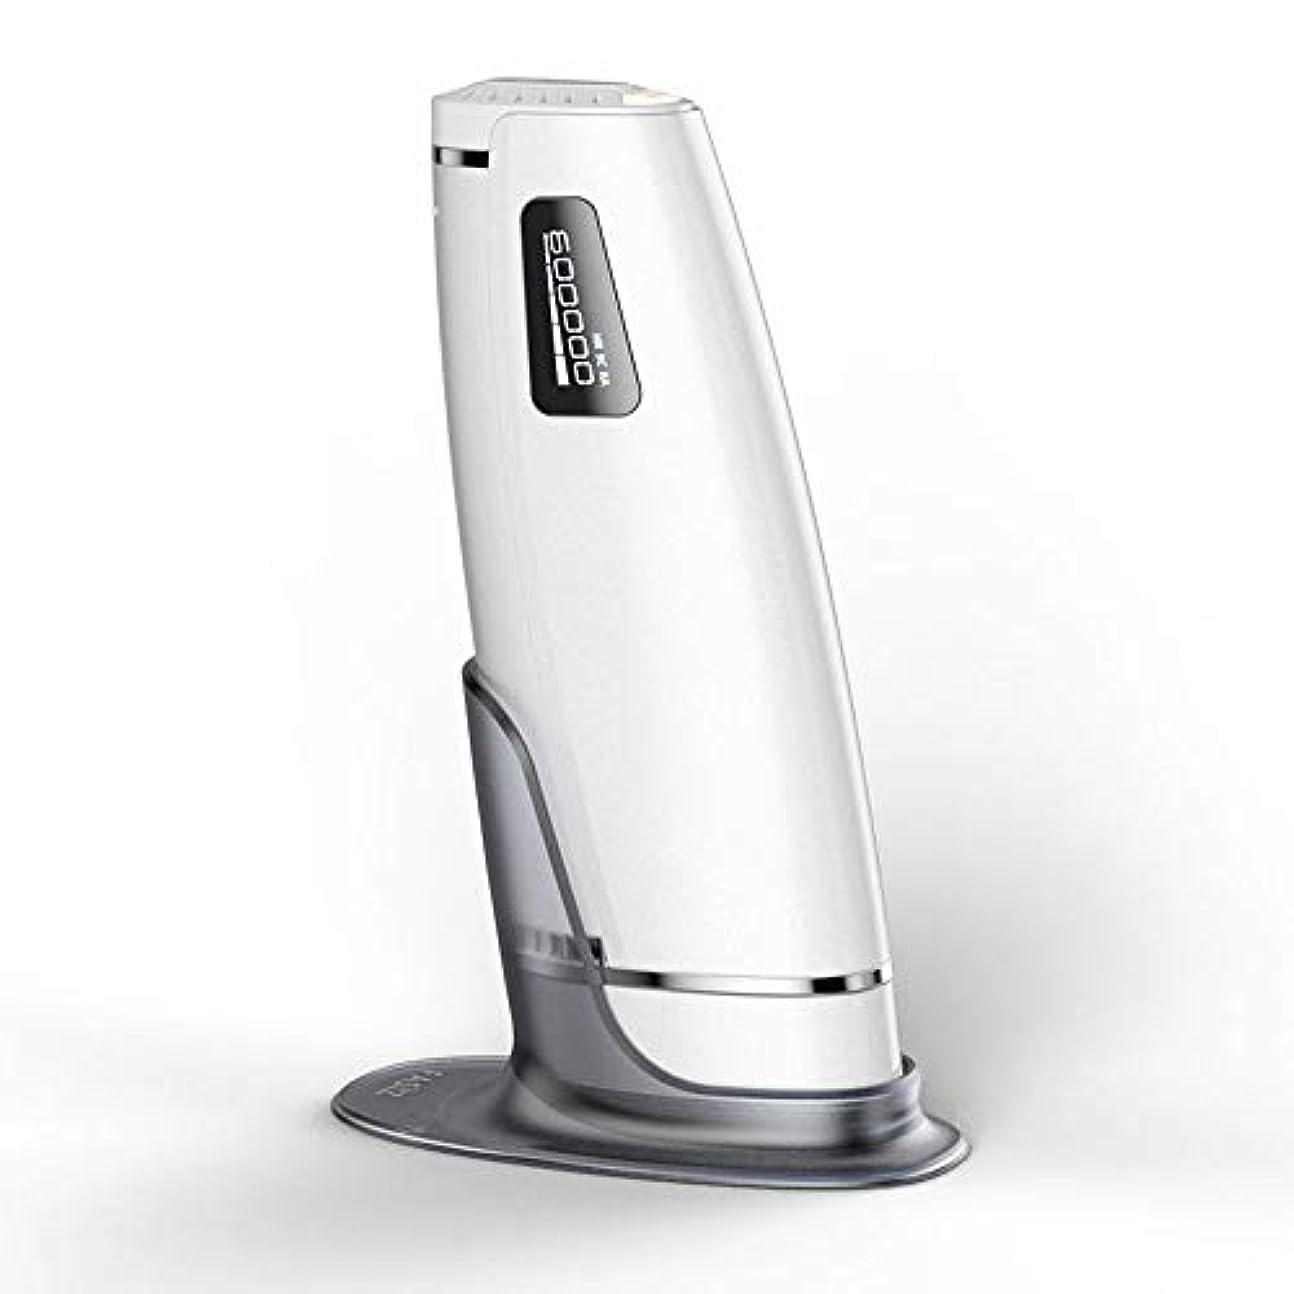 ドレスインサート感心するNuanxin 家庭用自動痛みのない毛の除去剤、白、携帯用永久的な毛の除去剤、二重モード、5つの速度調節、サイズ20.5 X 4.5 X 7 Cm F30